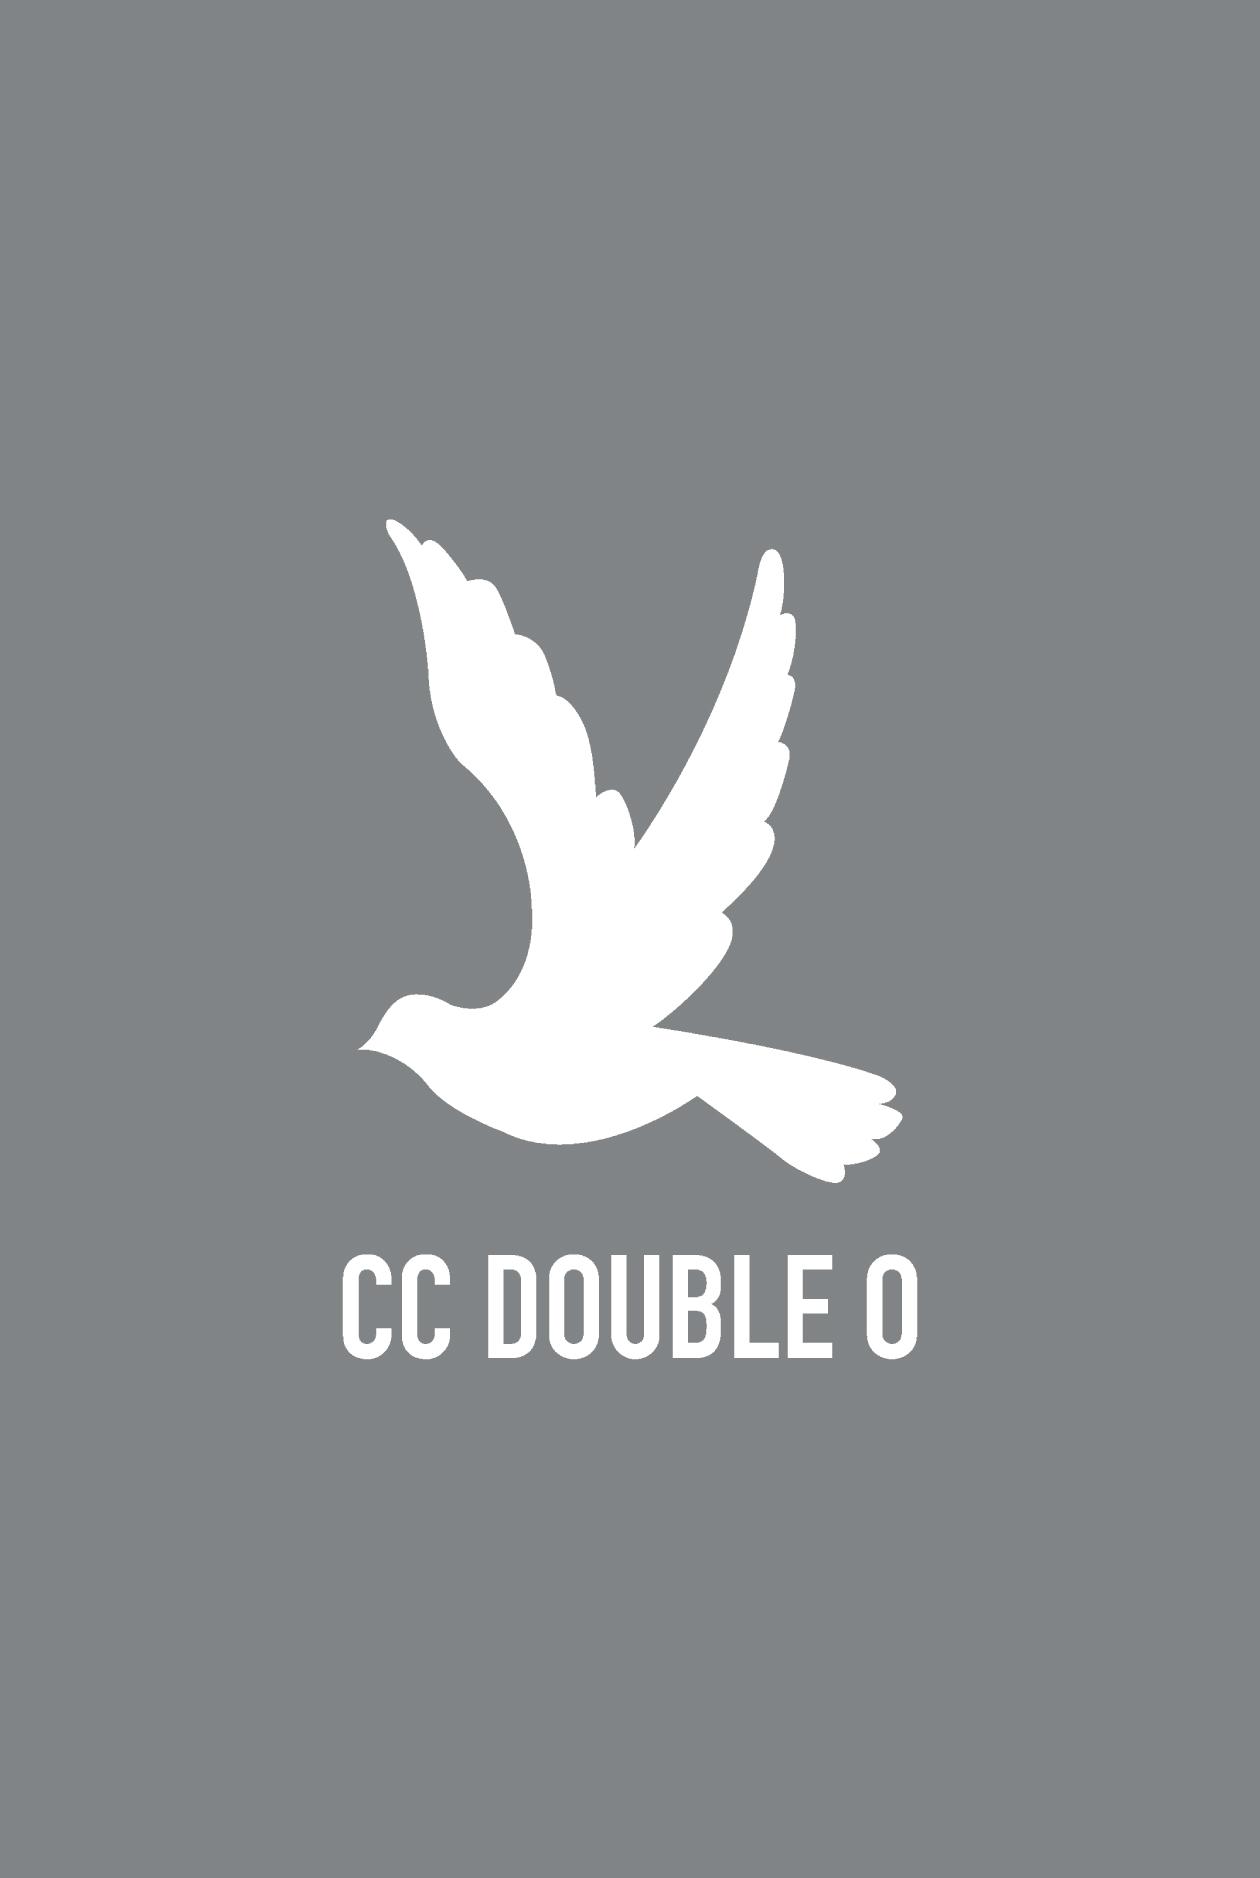 CC DOUBLE O Monogram Waist Bag